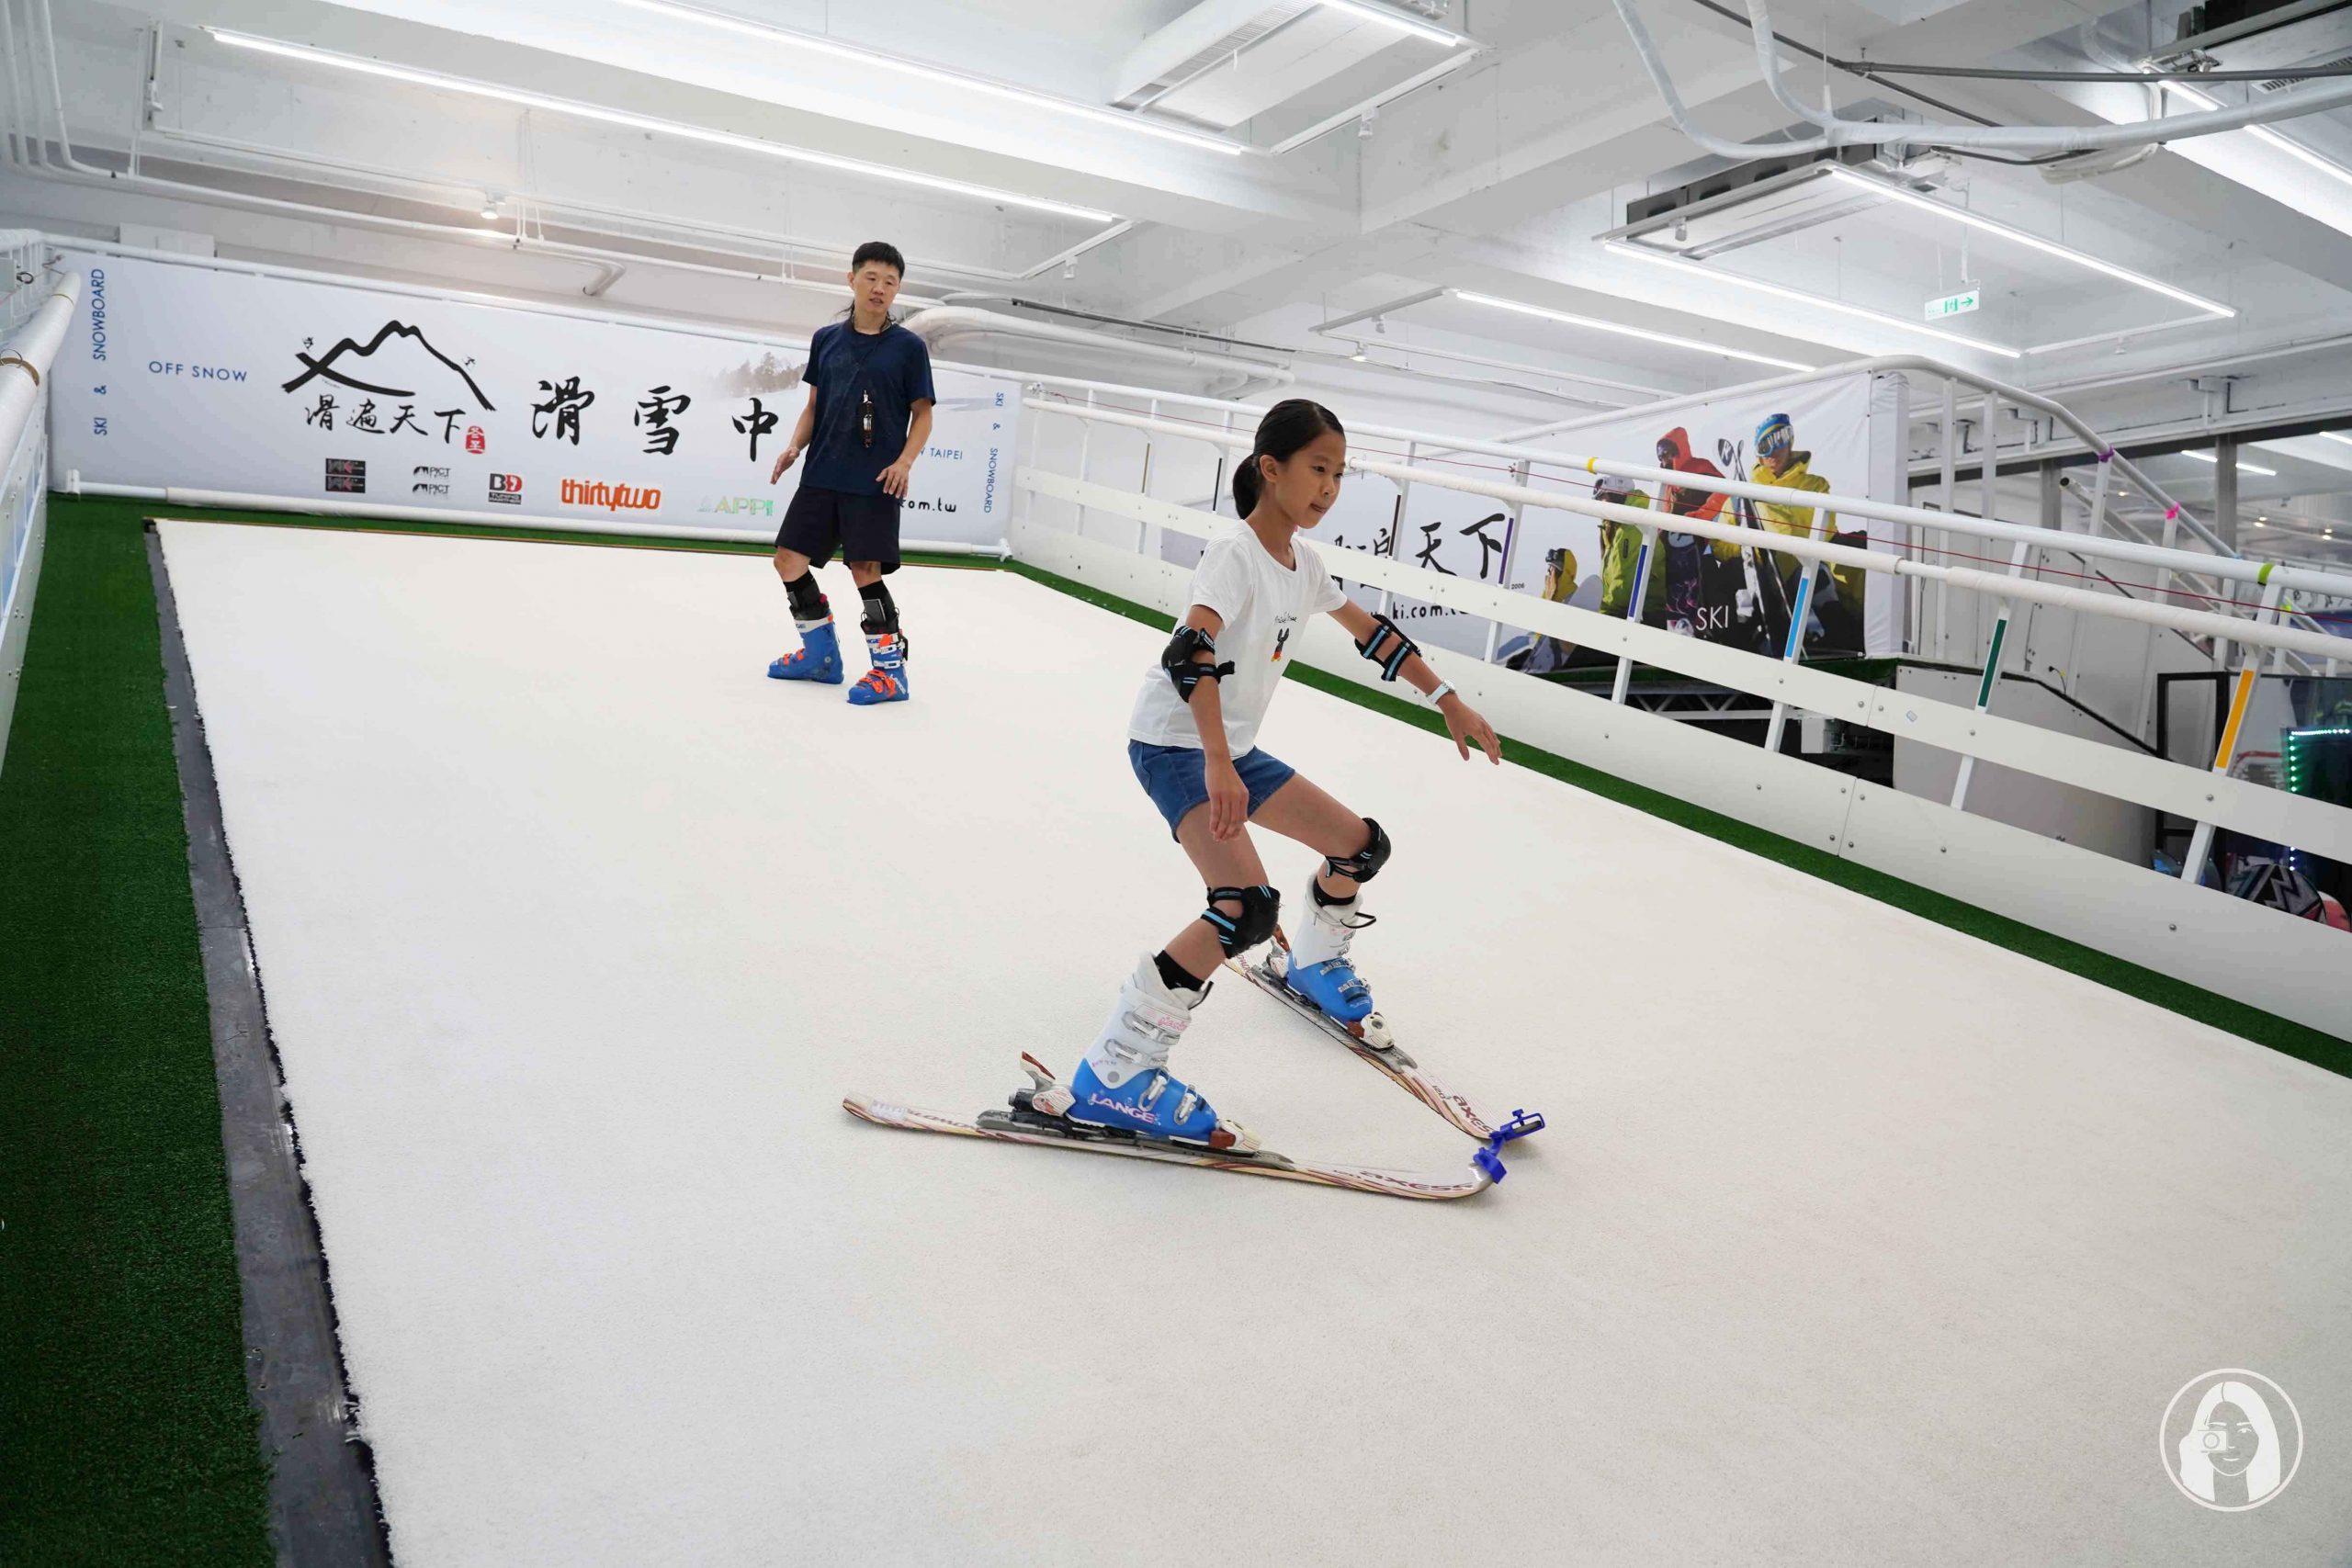 滑遍天下滑雪中心 兒童 SKI